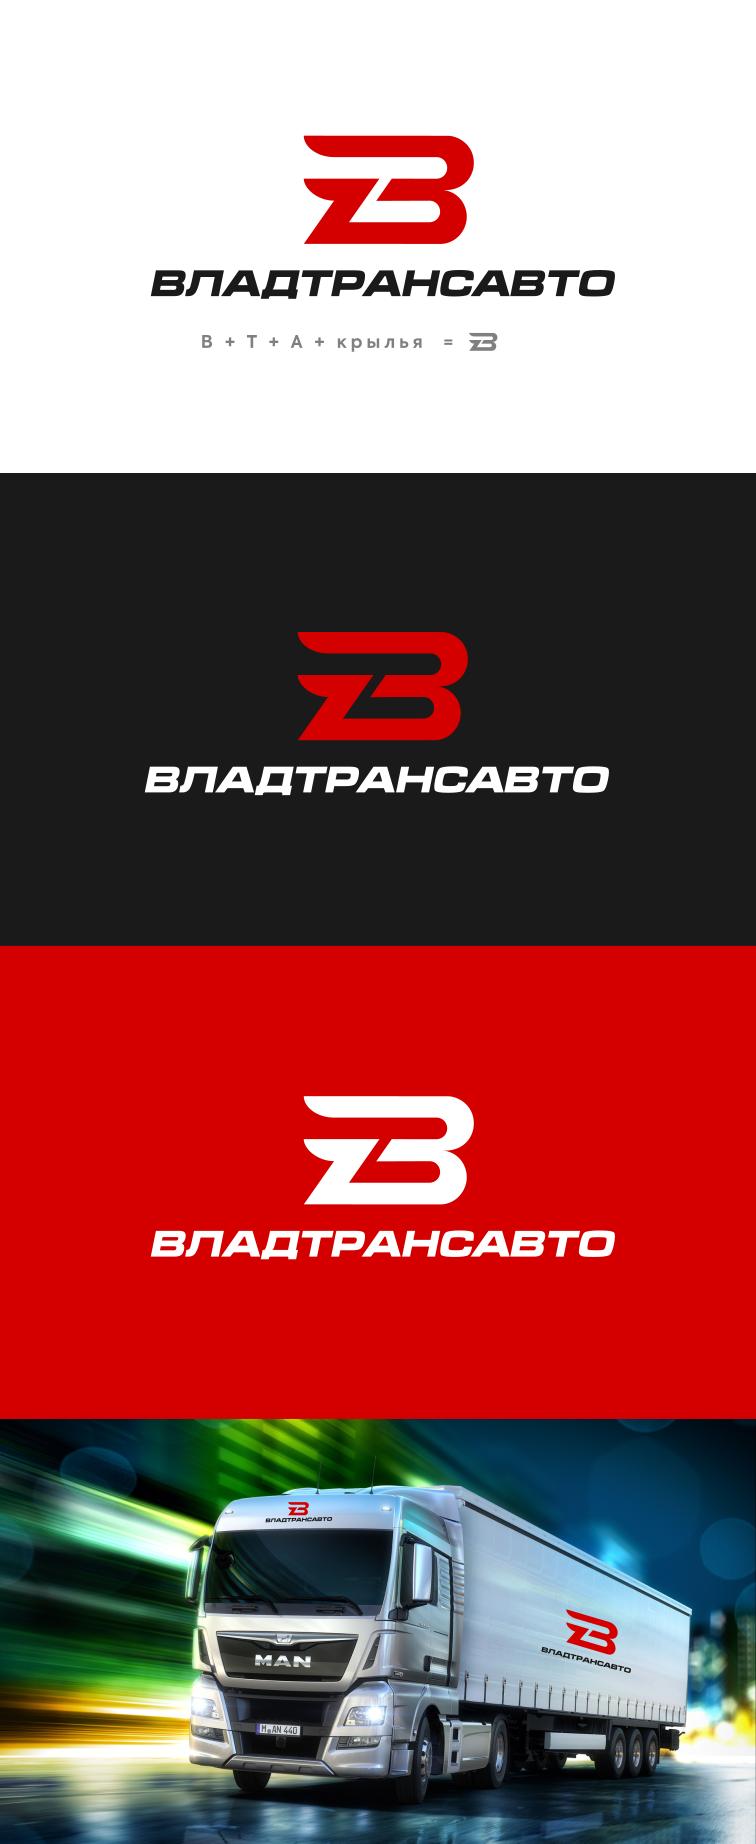 Логотип и фирменный стиль для транспортной компании Владтрансавто фото f_5025cf2962b3718e.png